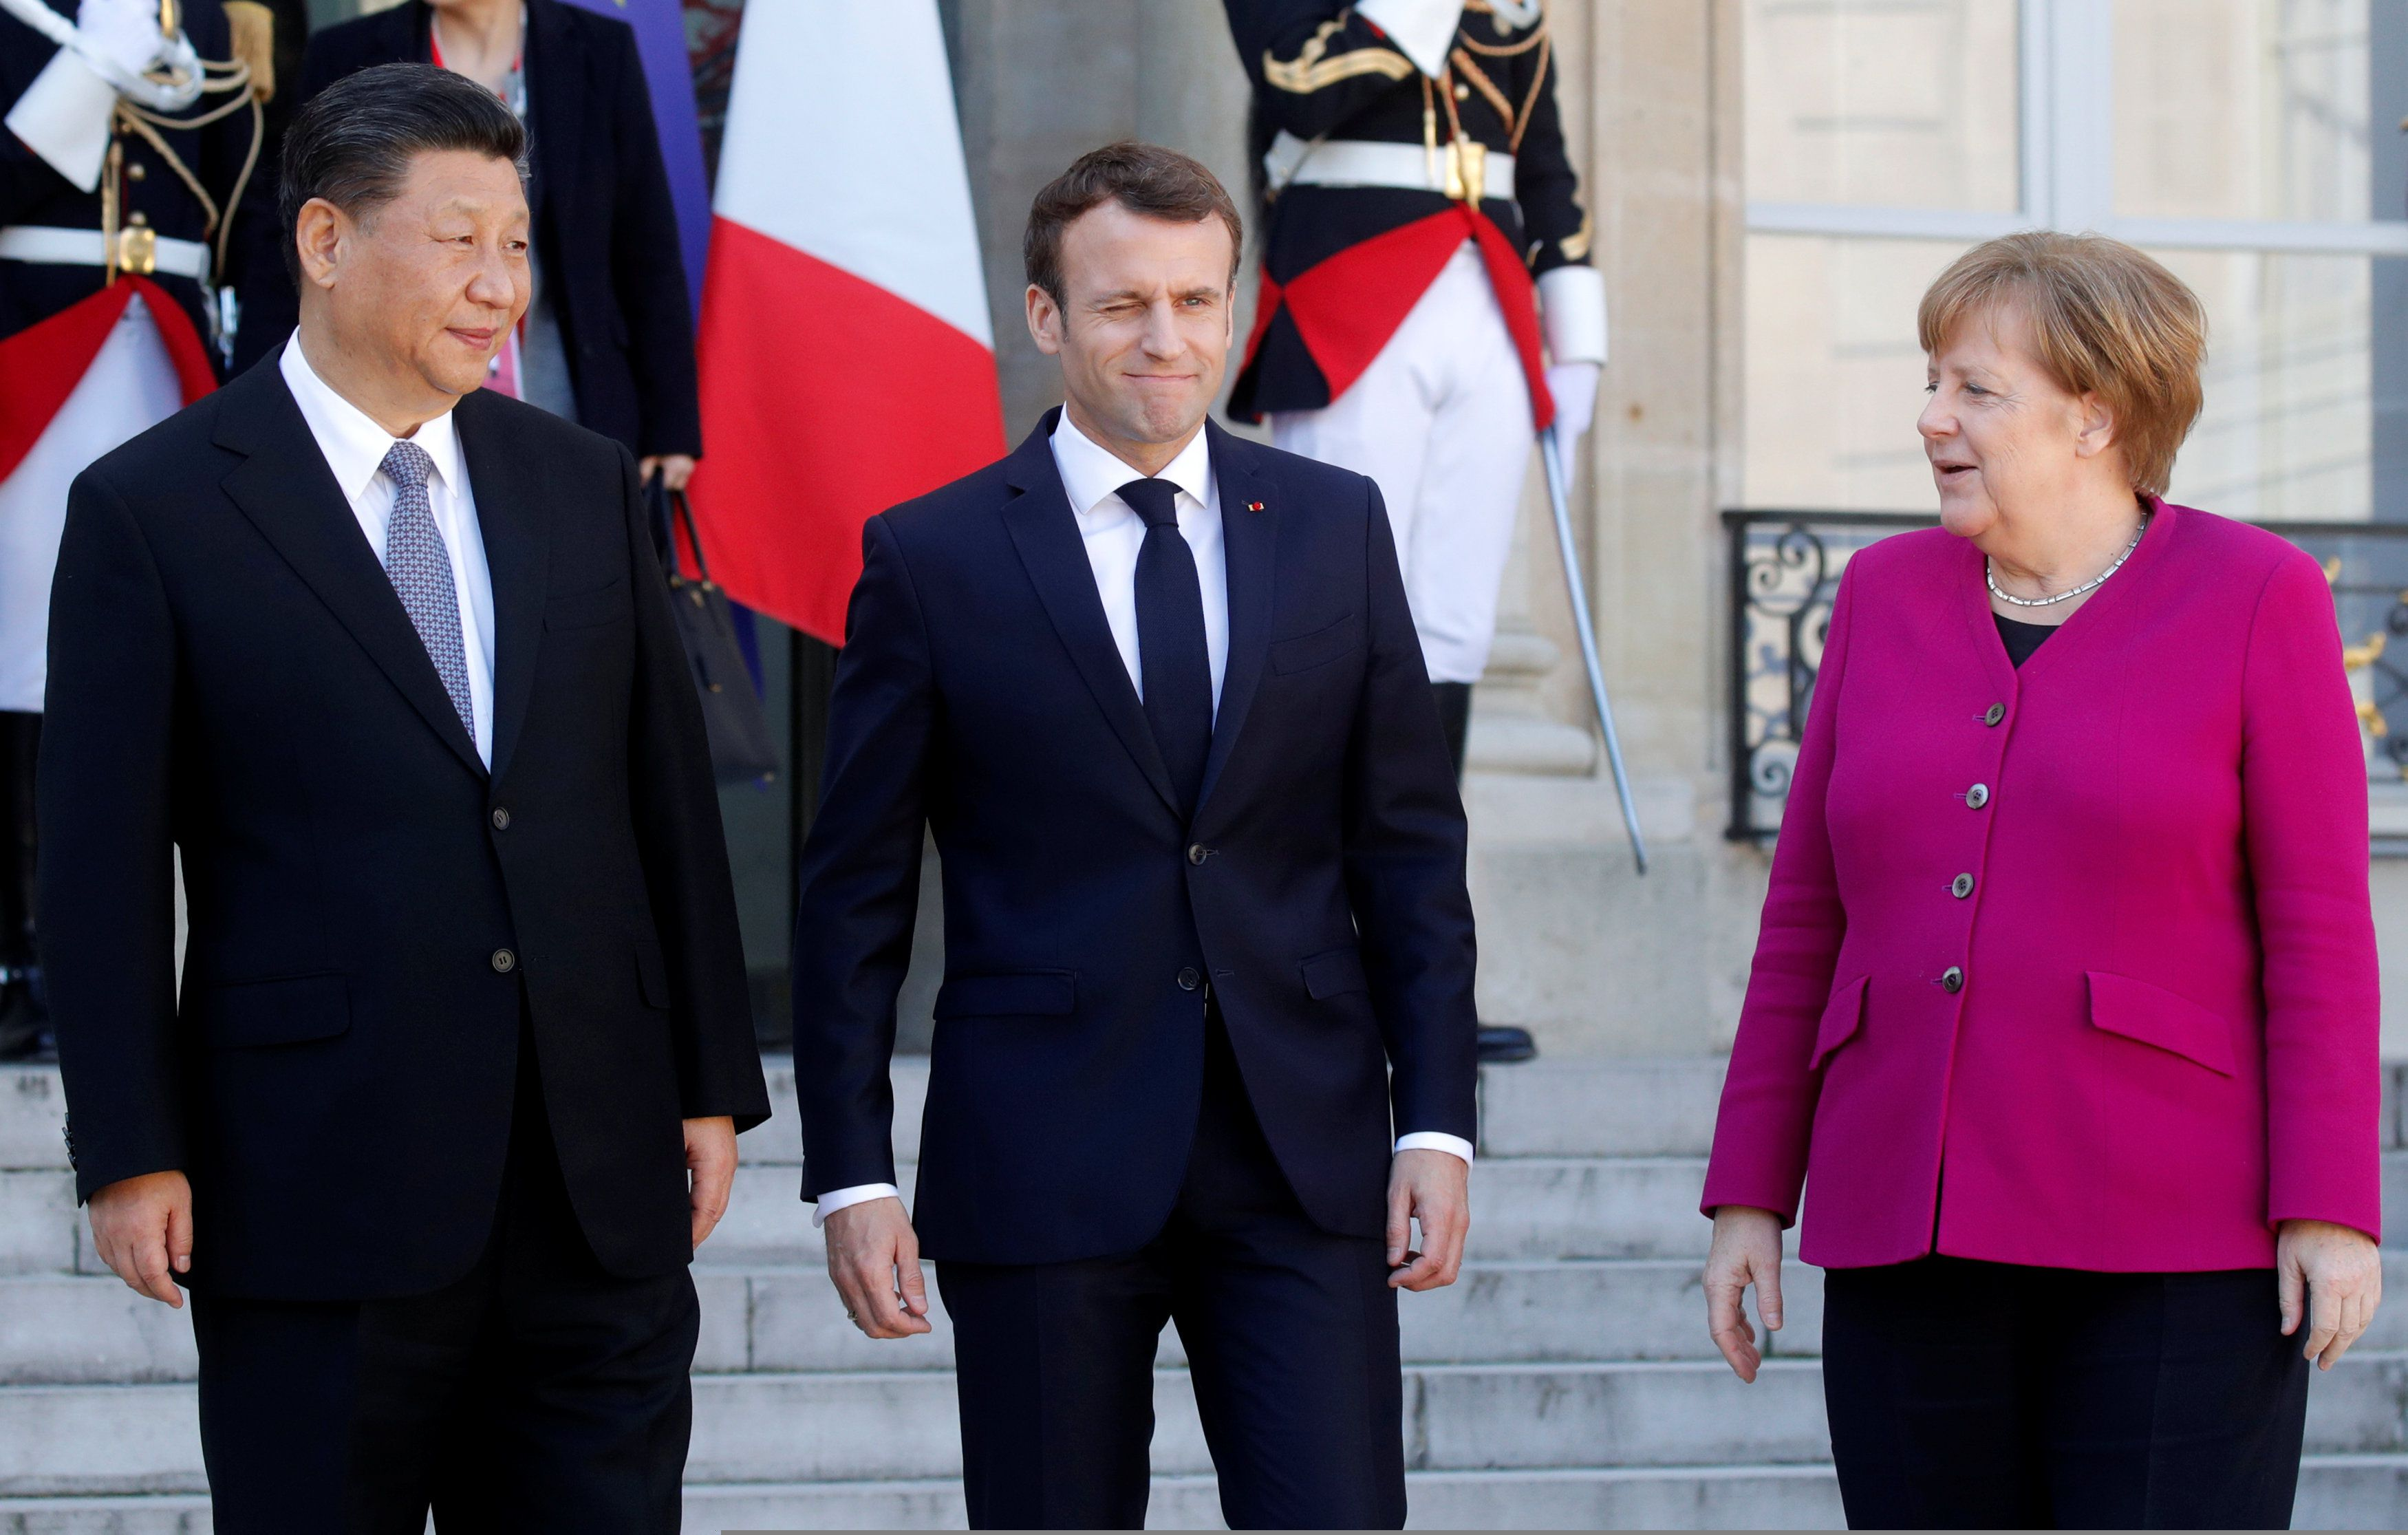 Emmanuel Macron, presidente de Francia, Angela Merkel, canciller alemana, y el líder chino Xi Jinping, tres protagonistas clave del sistema mundial de decisión política.